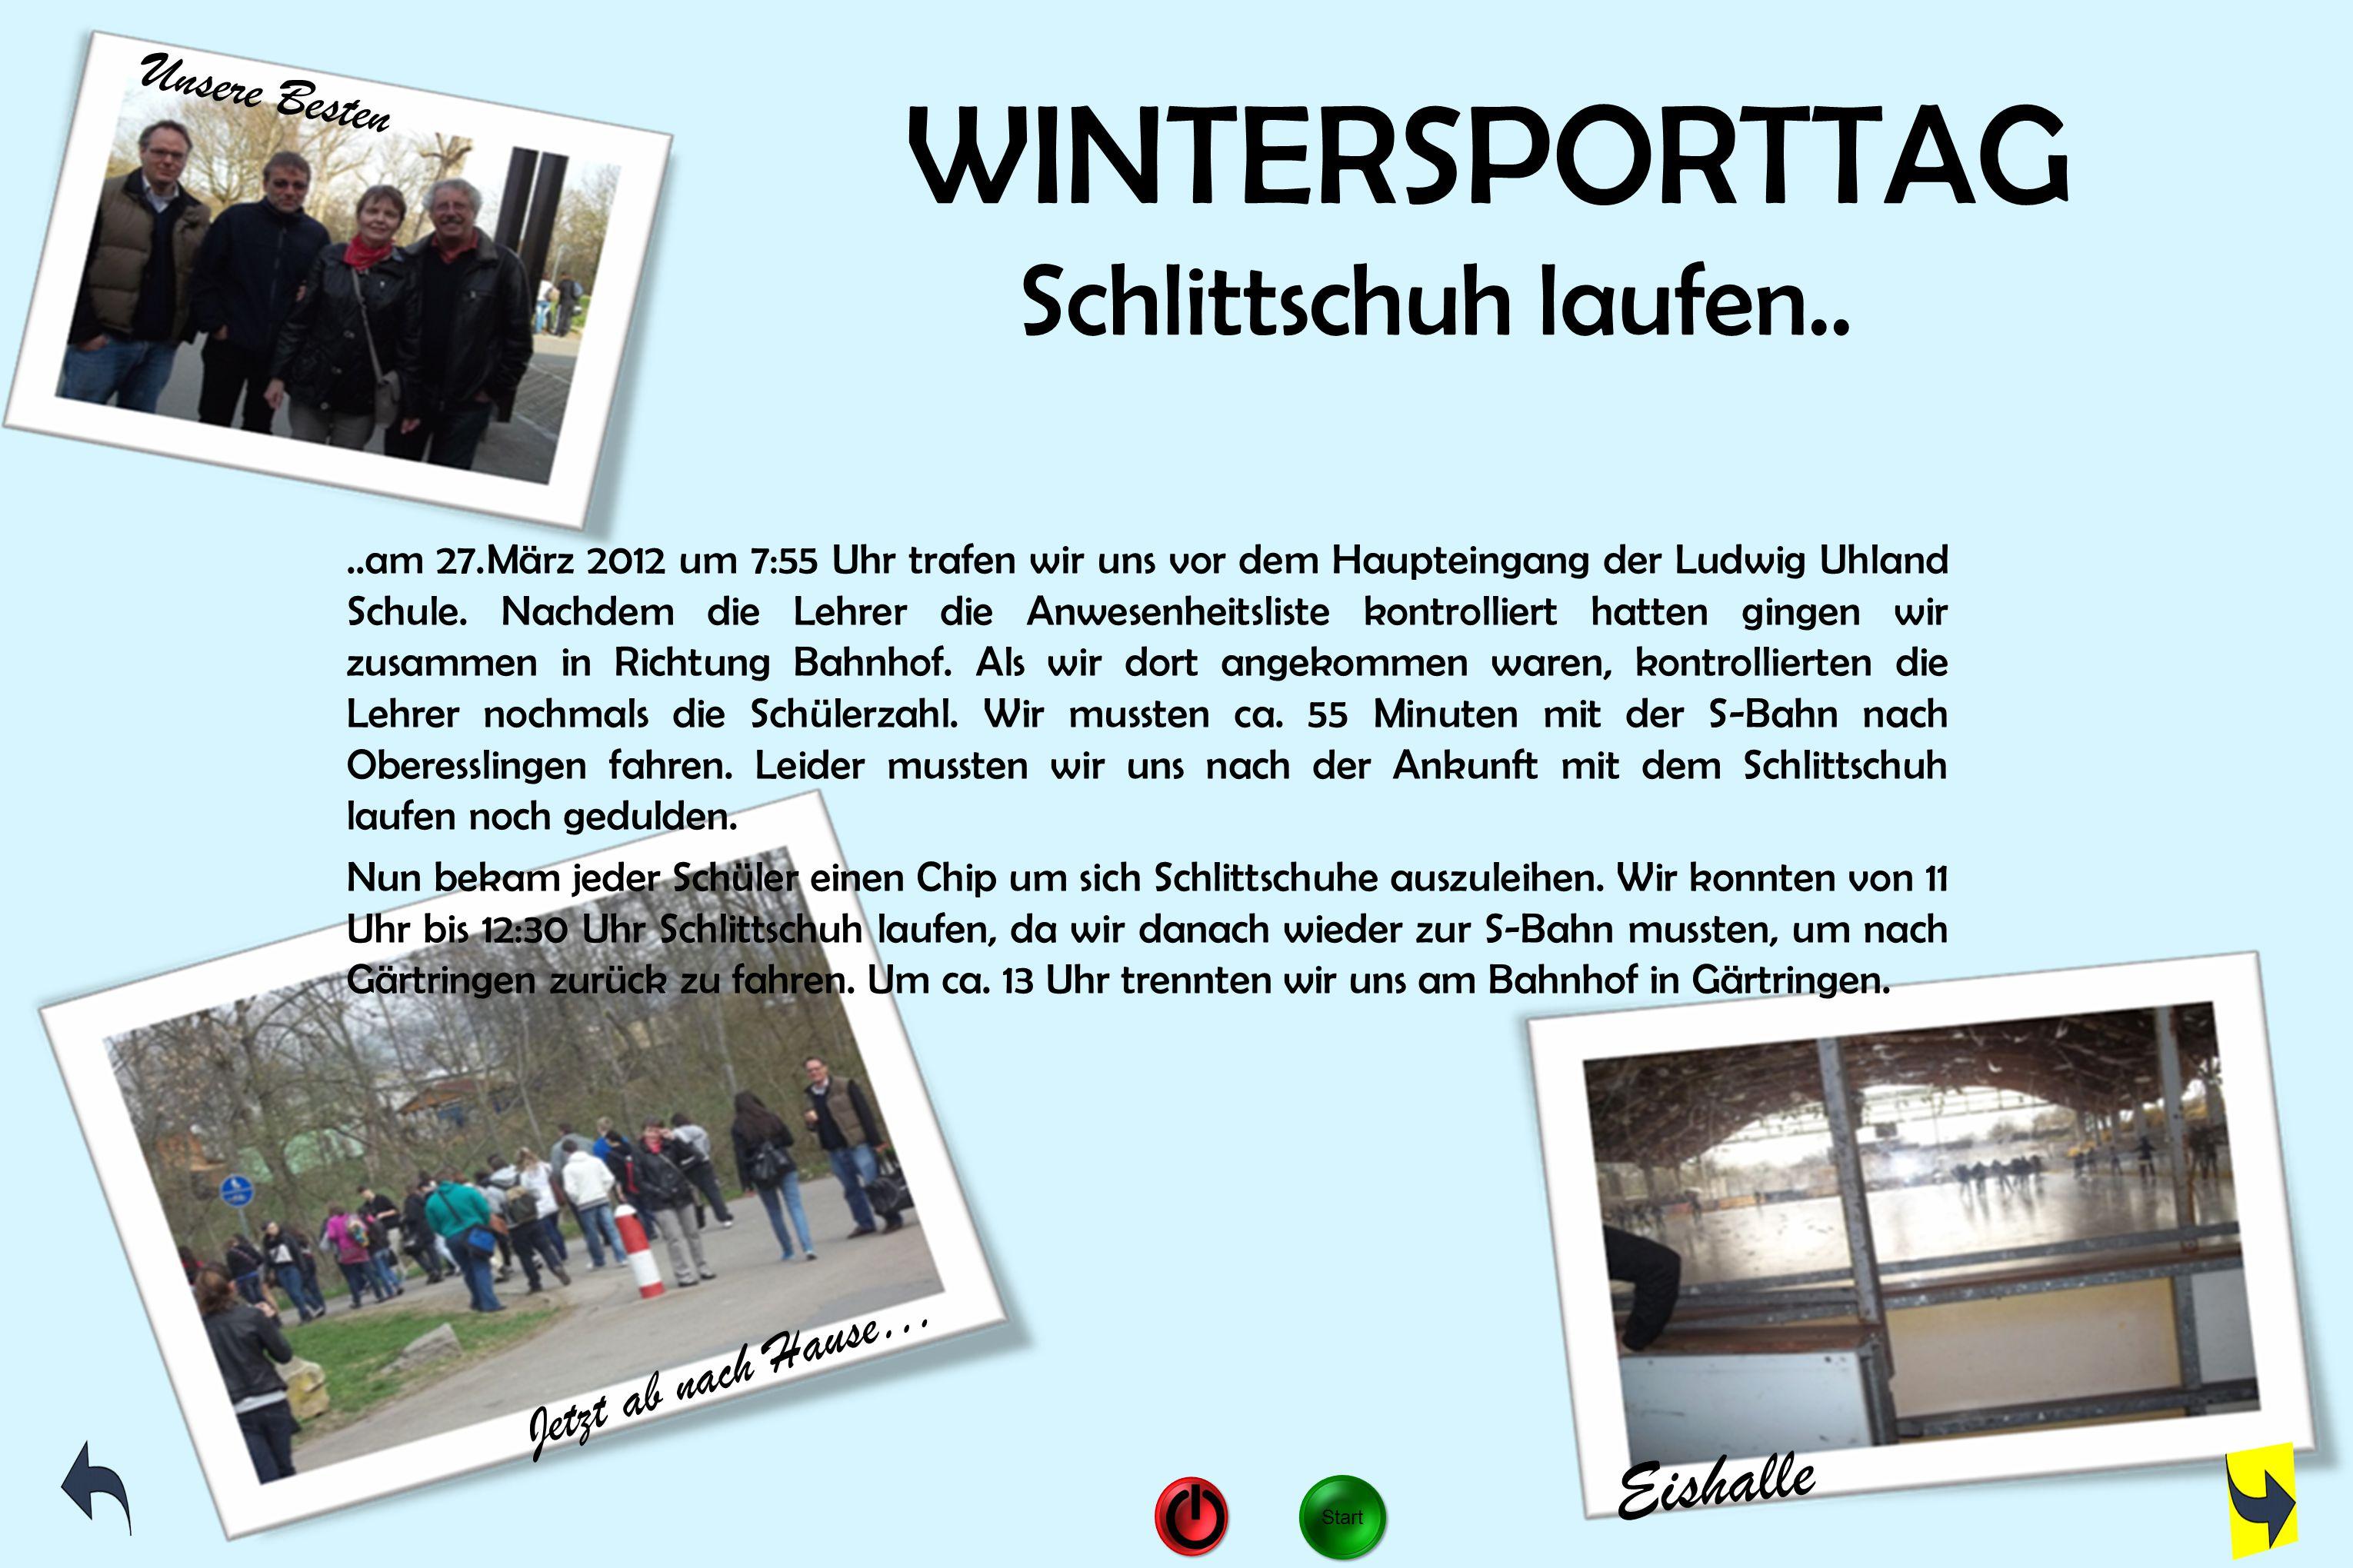 Wintersporttag- Aramis 29.